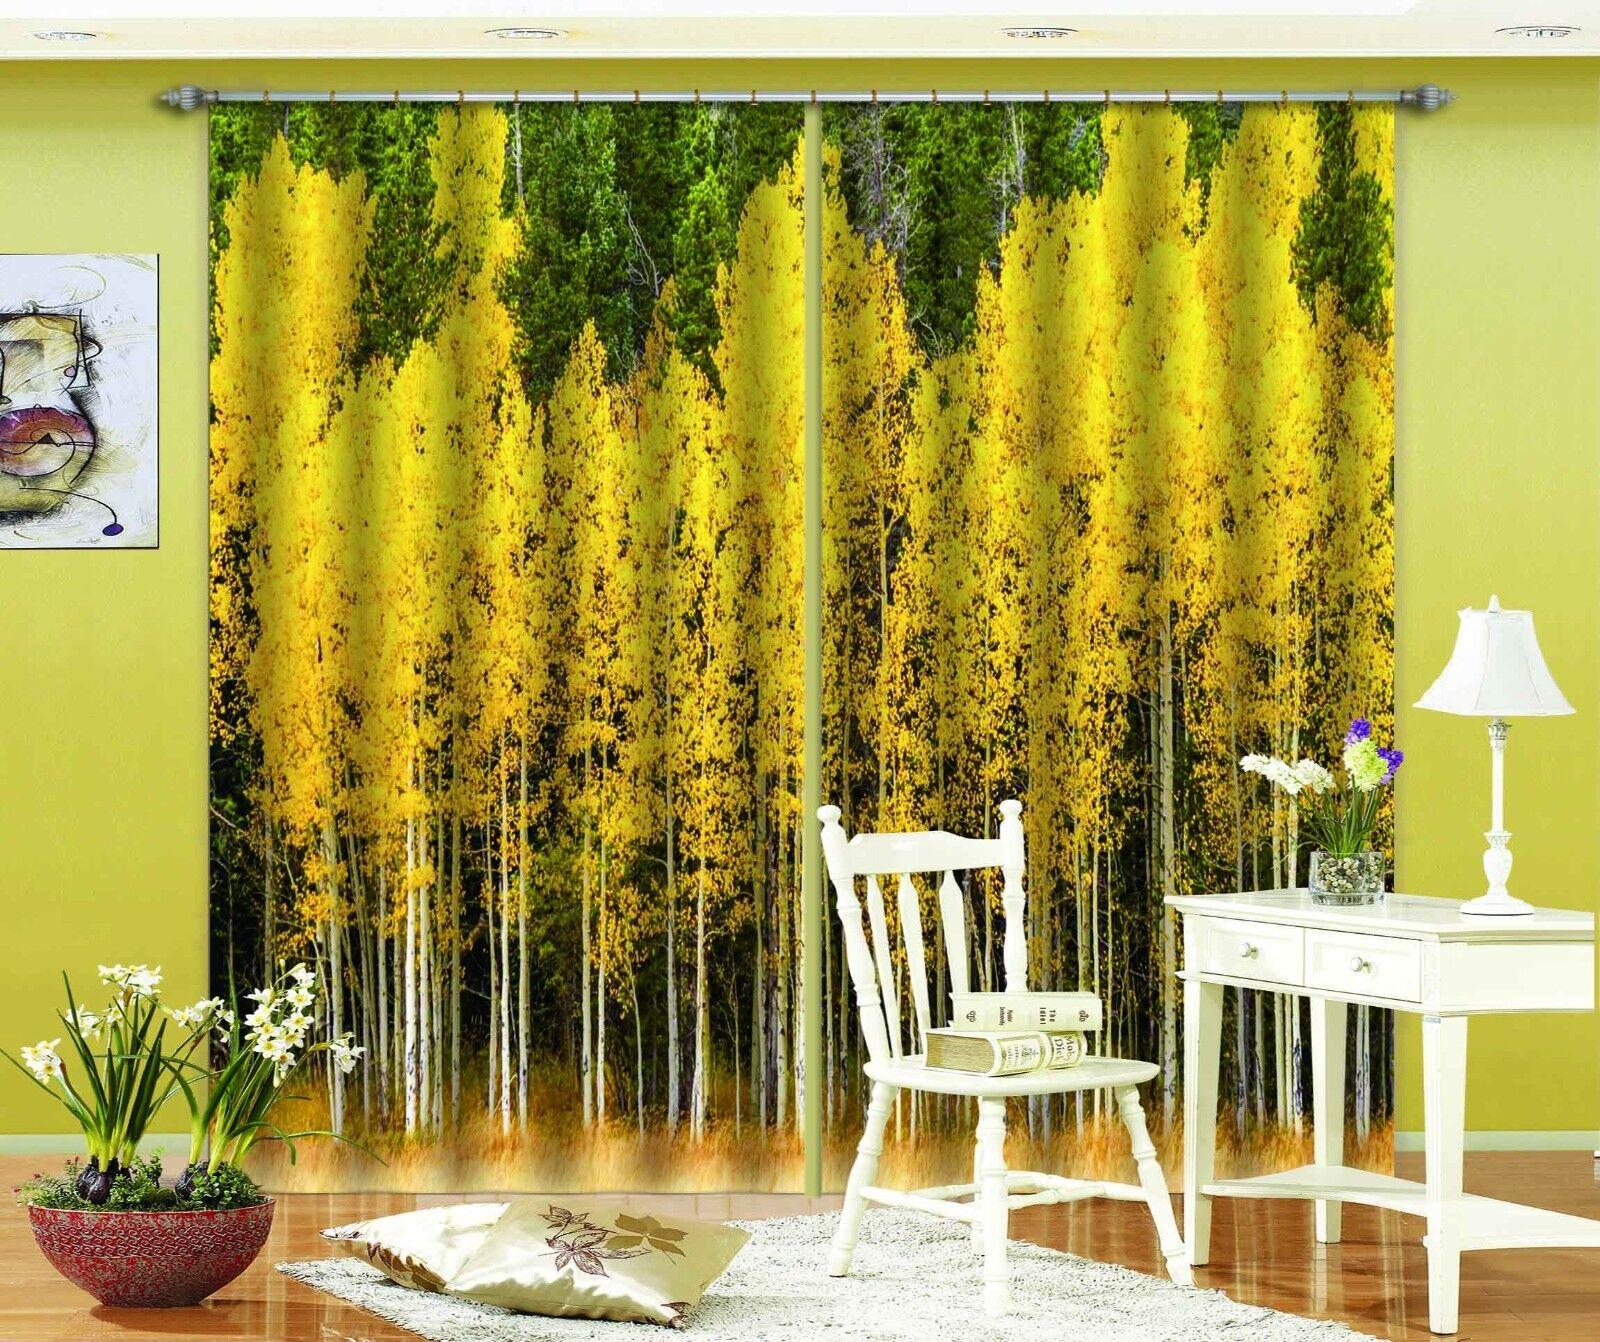 Árbol de oro 3D 234 Cortinas de impresión de cortina de foto Blockout Tela Cortinas Ventana Reino Unido